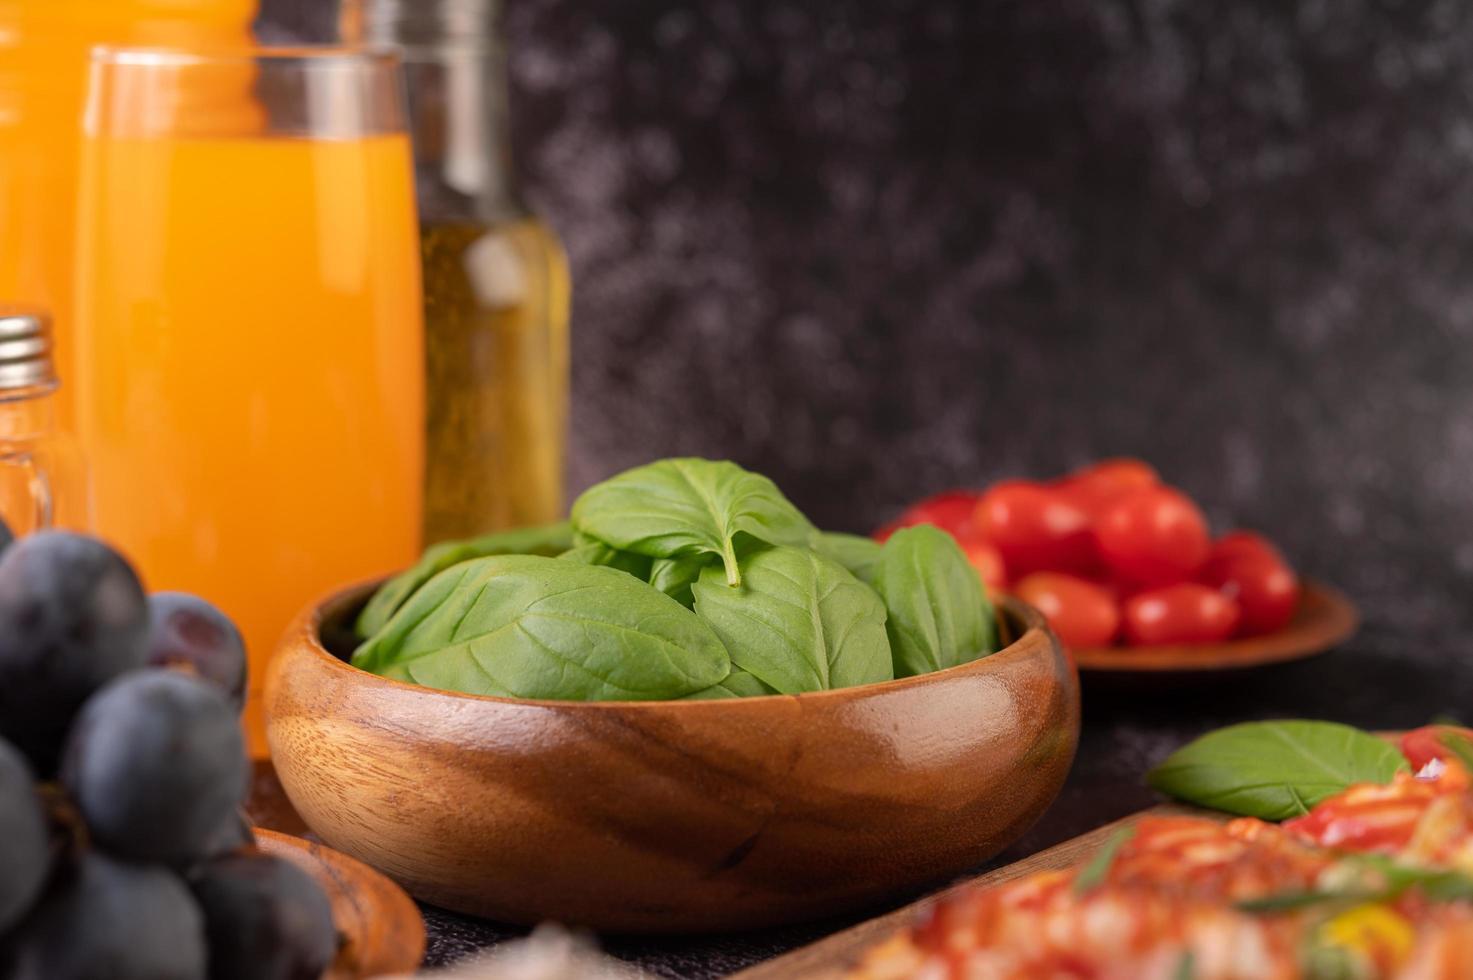 tomillo y tomates en una taza de madera con ajo foto